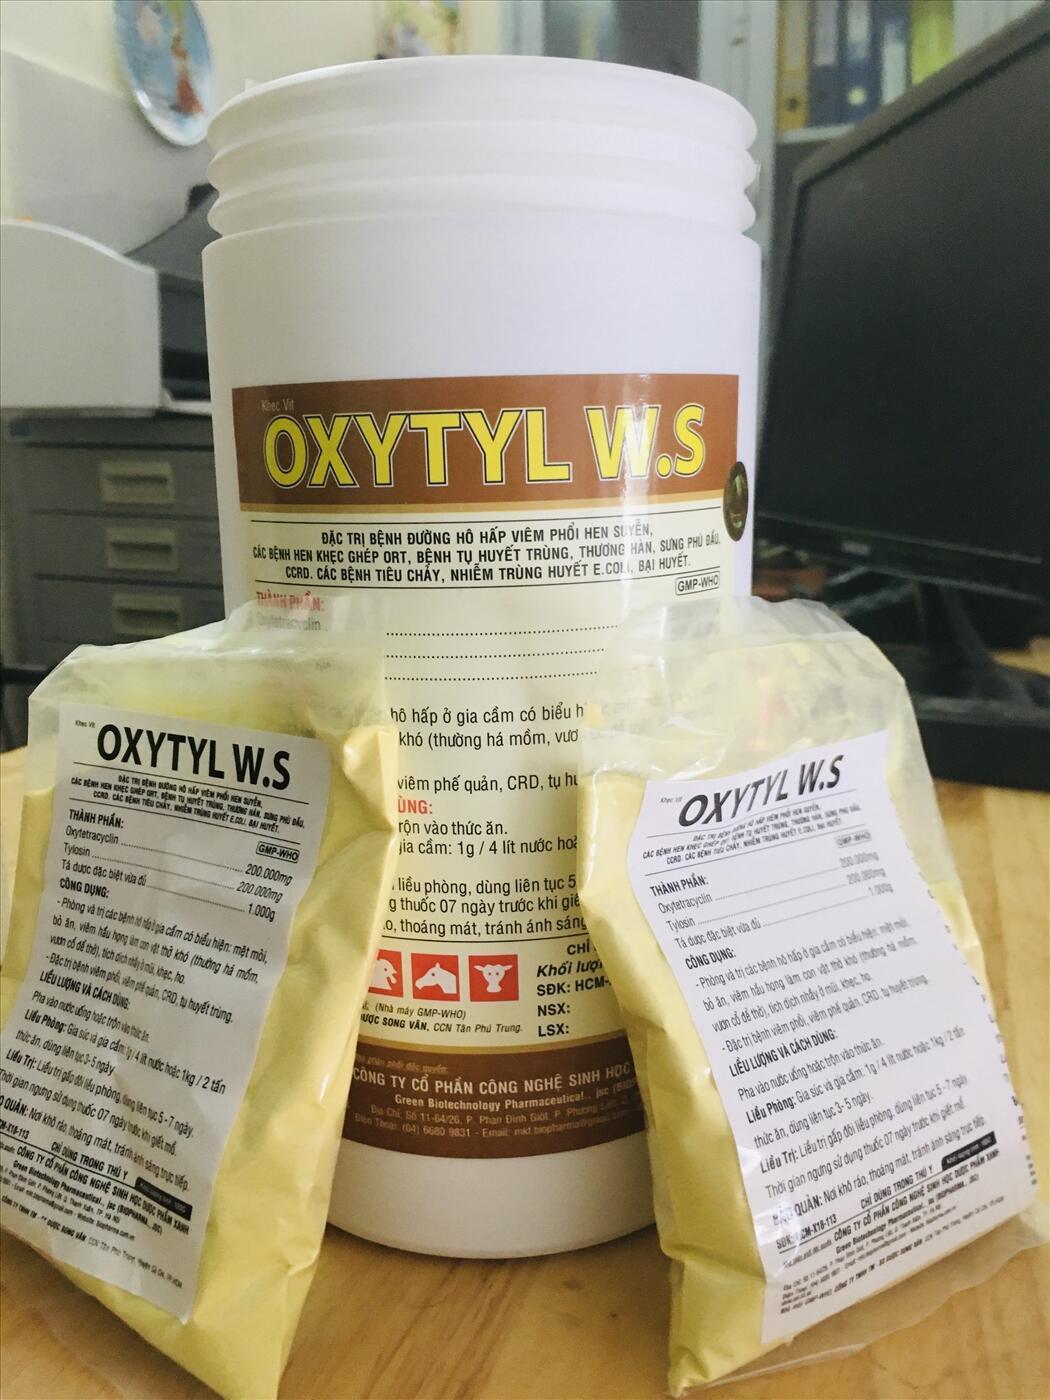 OXYTYL W.S